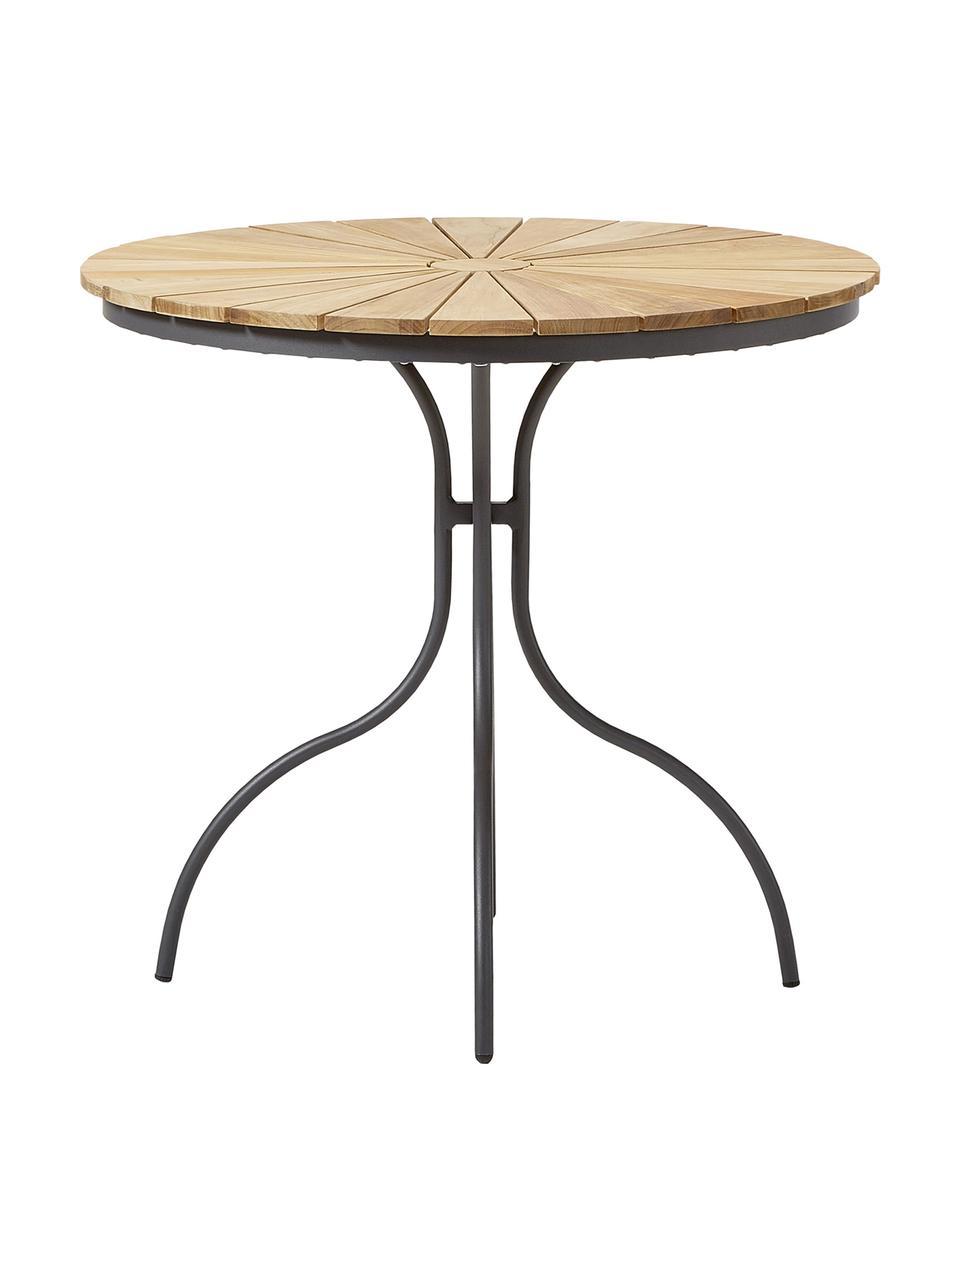 Runder Gartentisch Hard & Ellen mit Teakholzplatte, Tischplatte: Teakholz, geschliffen, Anthrazit, Teak, Ø 80 x H 72 cm